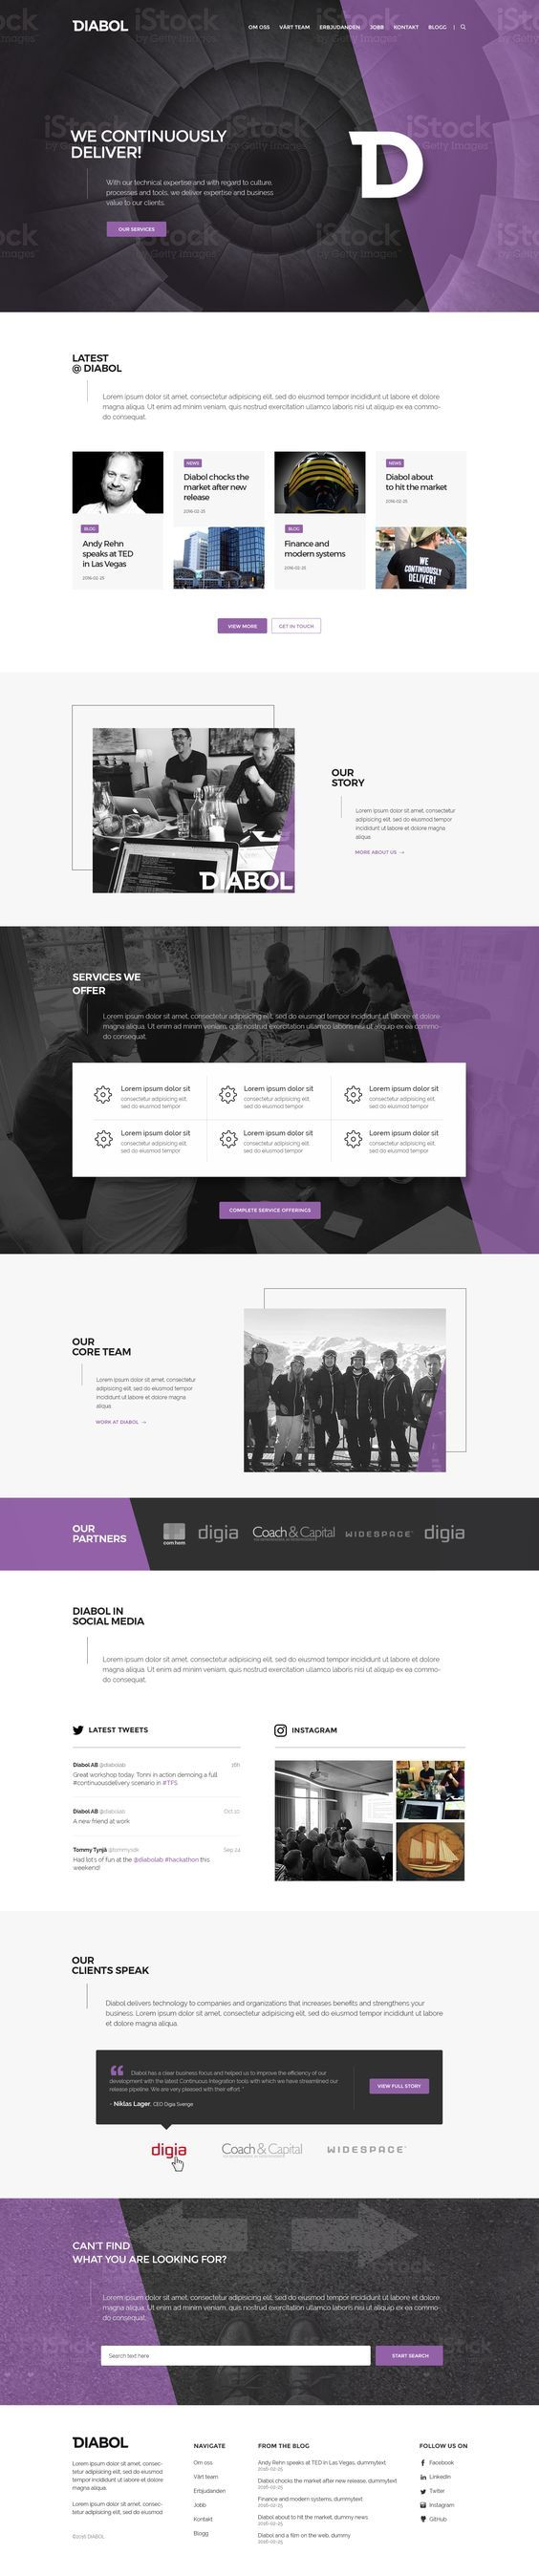 Website Landing Page Design Web Design Web Design Books Basic Website Design